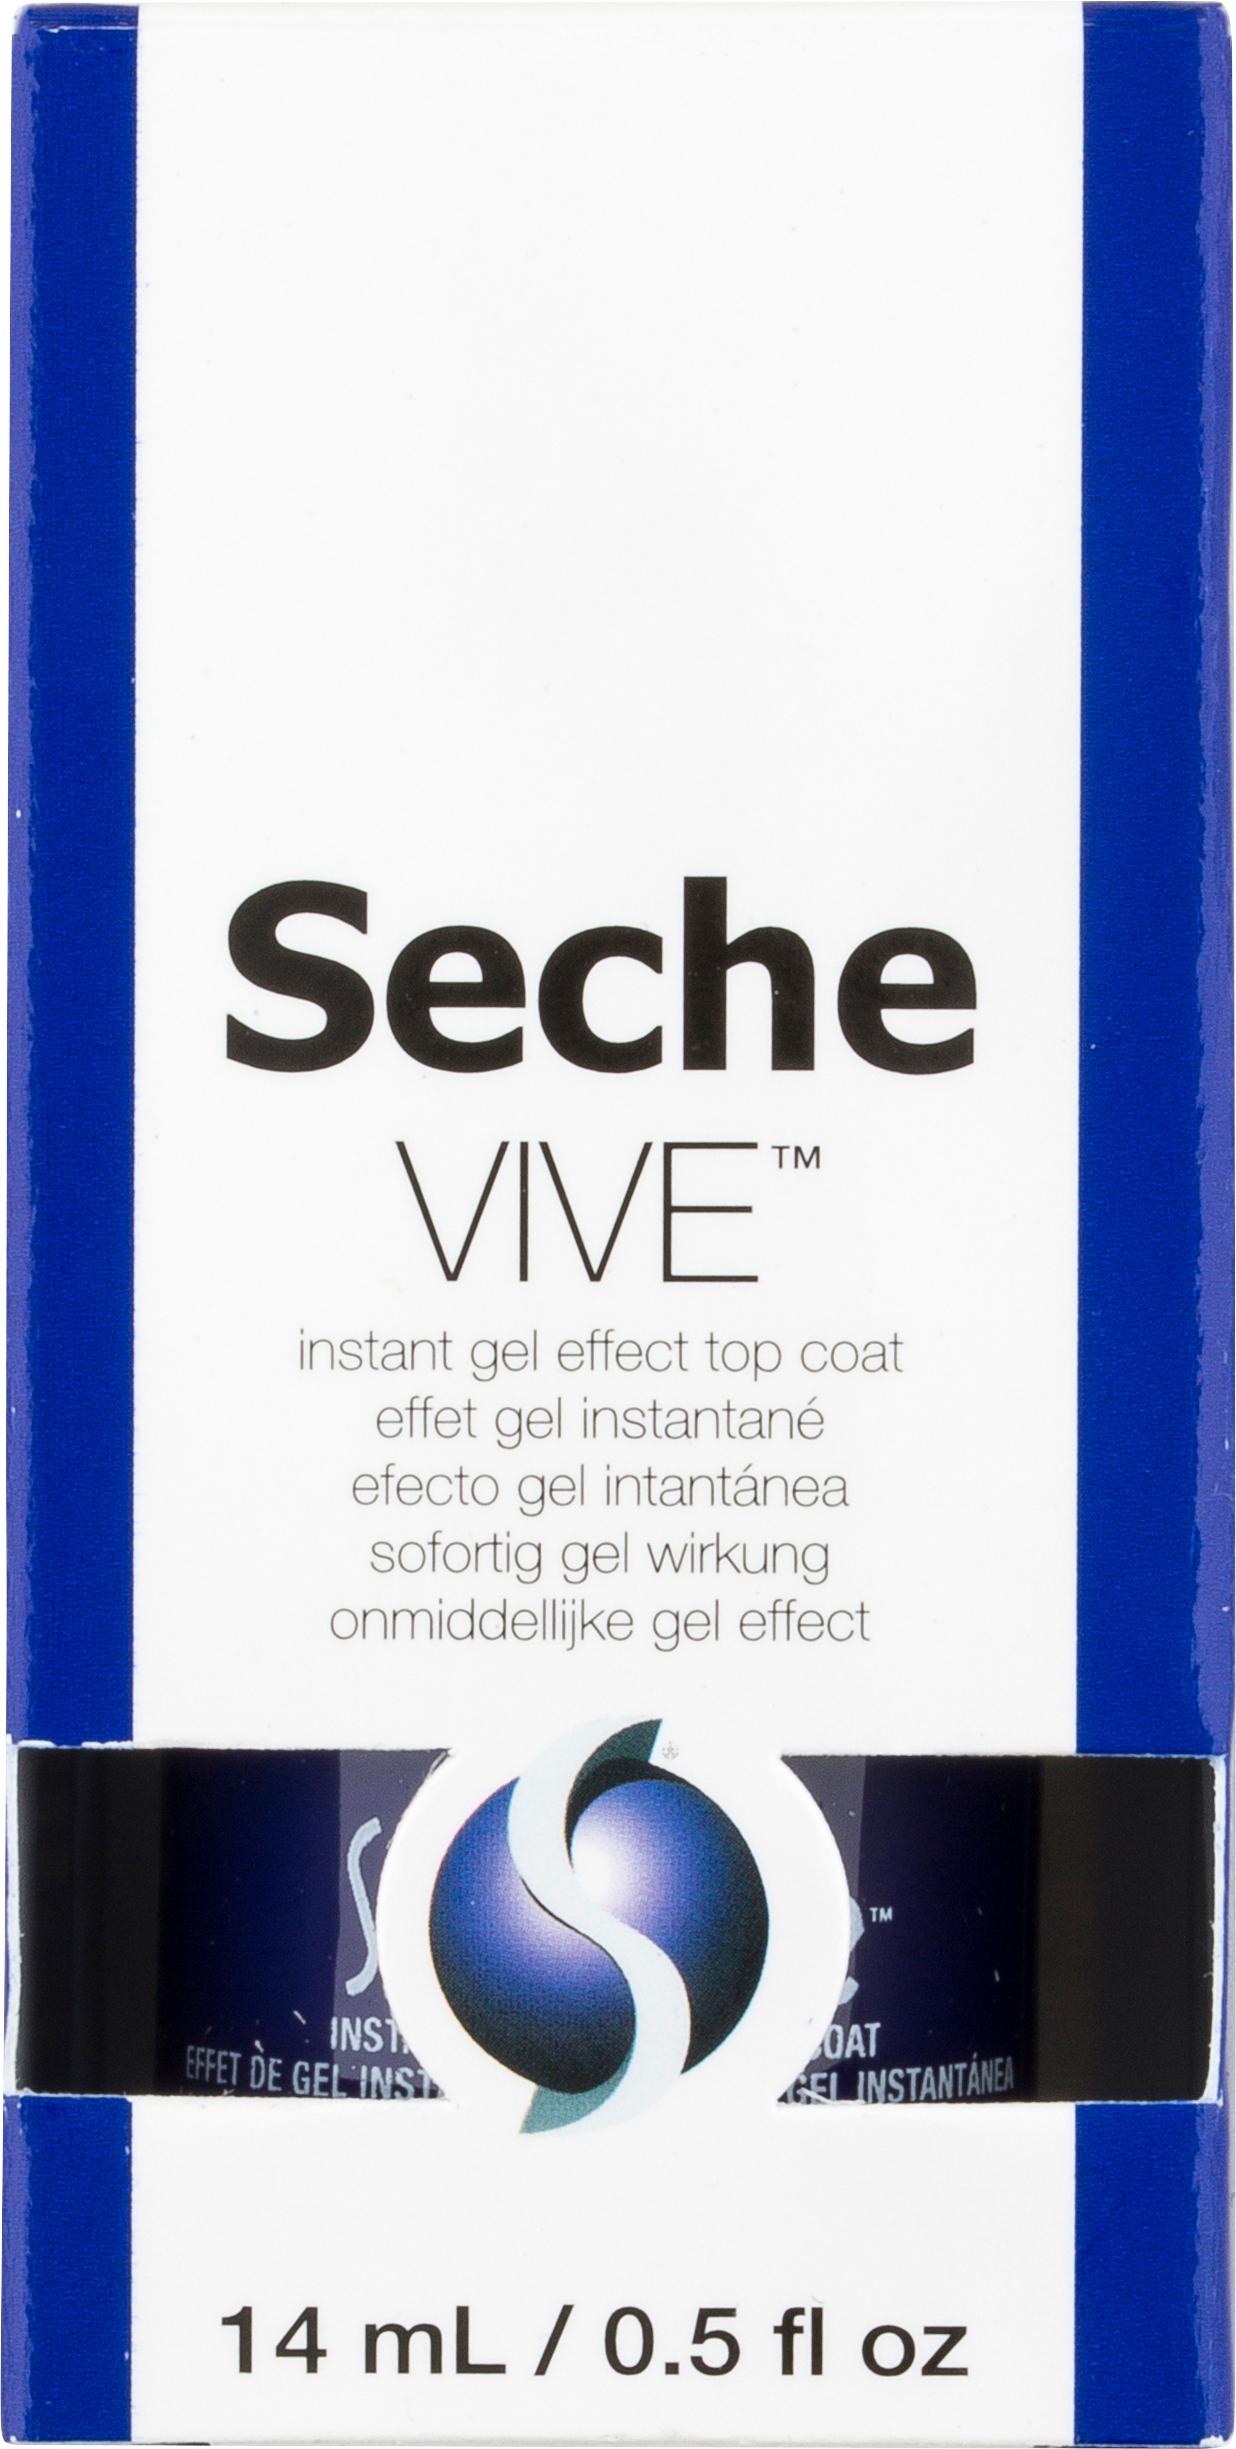 Seche Vive Instant Gel Effect Top Coat